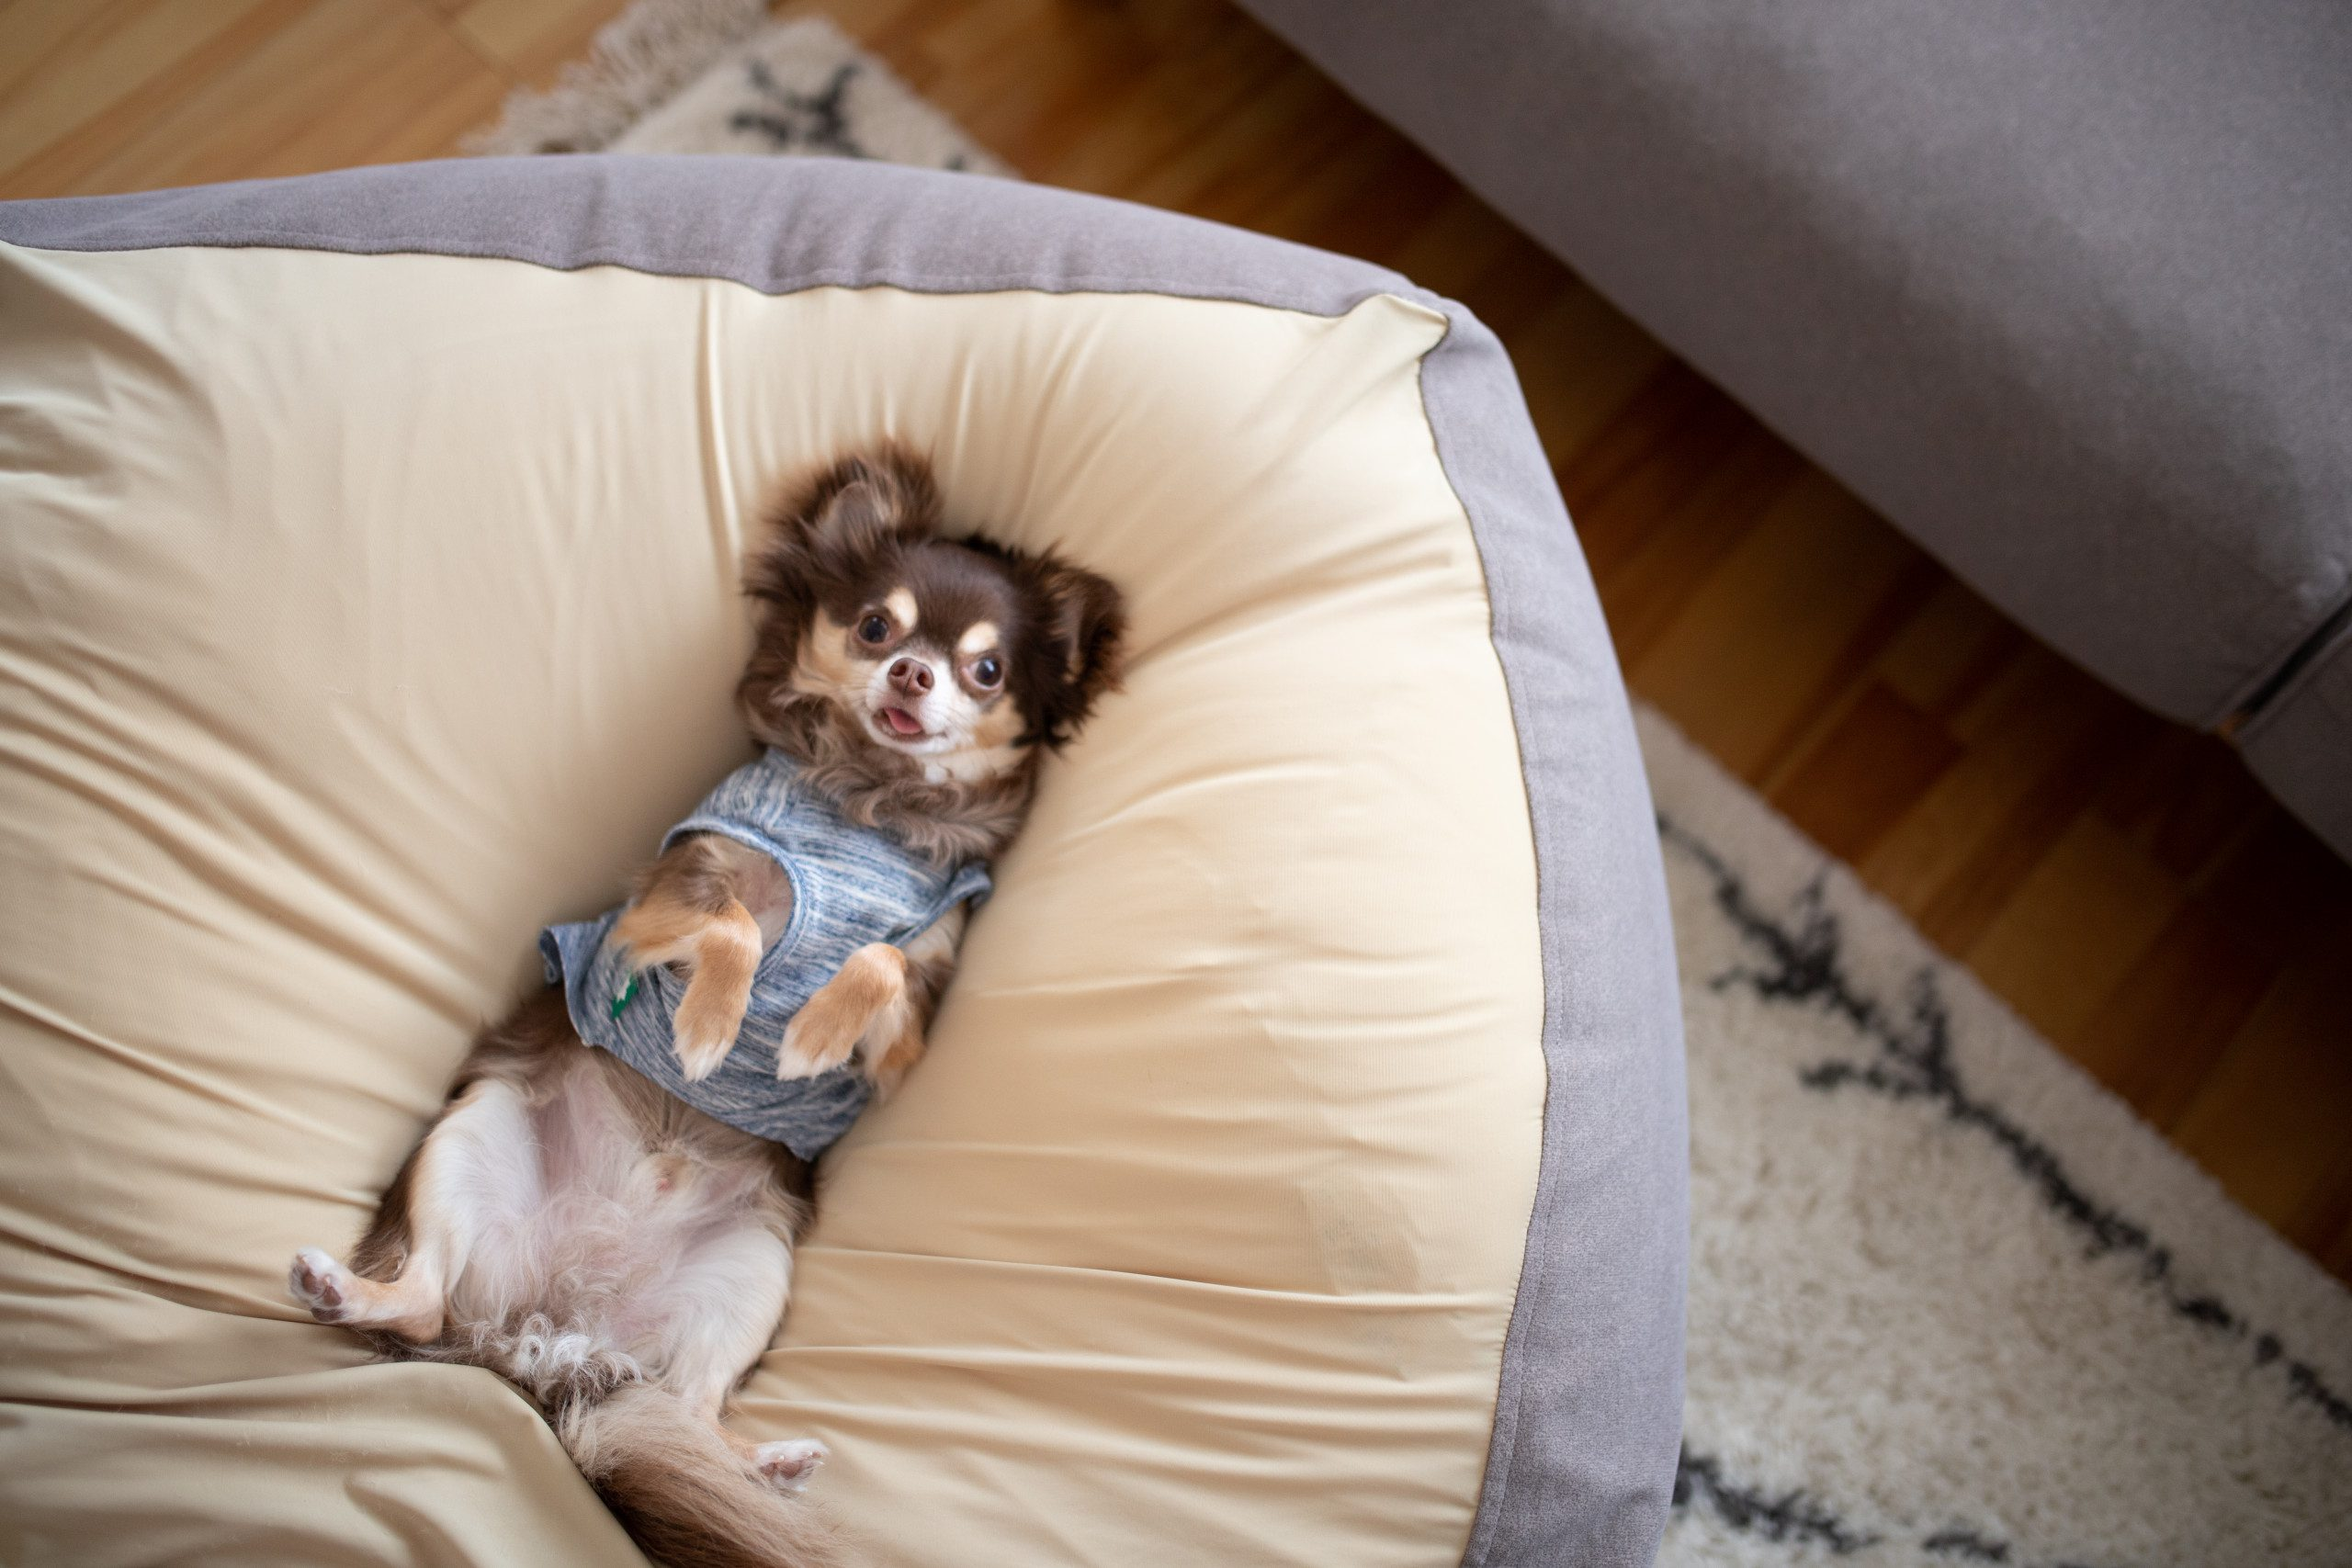 家族みんなに愛される座り心地。ペットも気に入る体にフィットするソファ